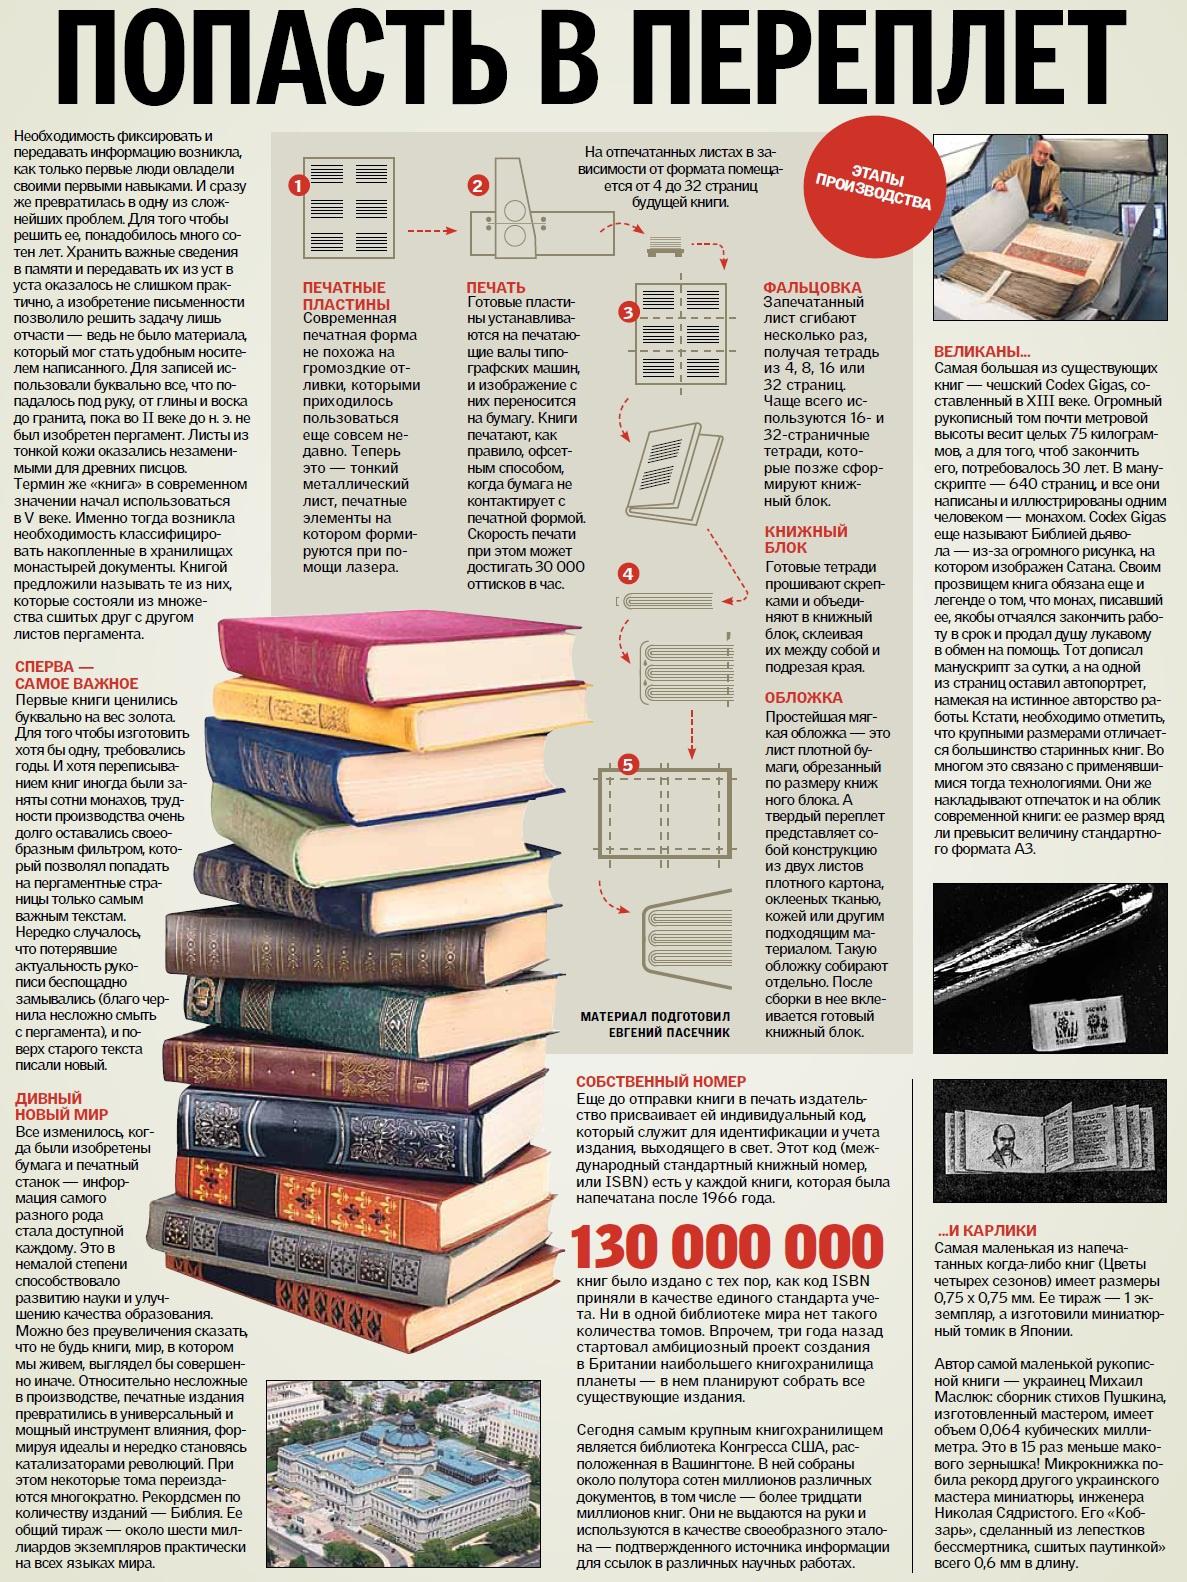 Как это сделано: книги